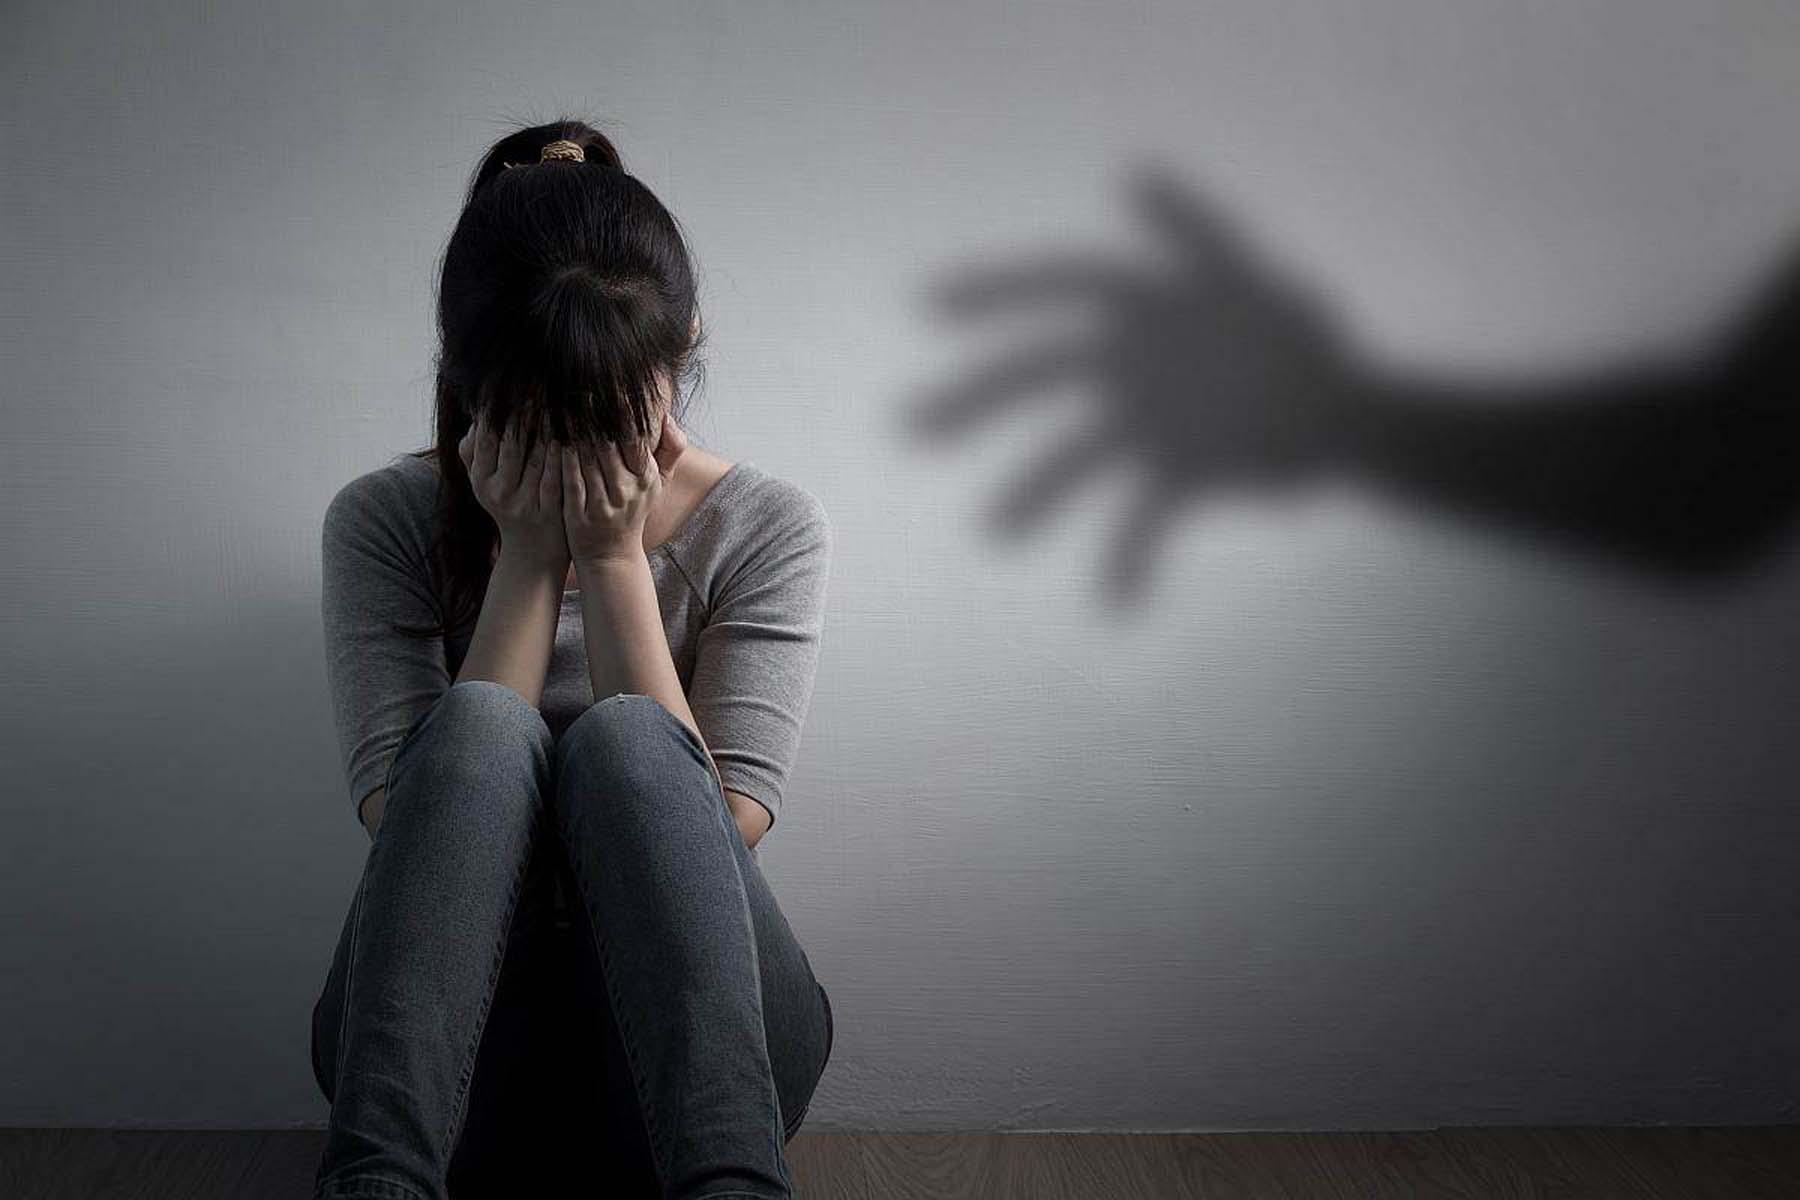 Konya'da mide bulandıran olay! 17 yaşındaki kız 10'dan fazla erkeğin cinsel istismarına uğradı! 6 aylık hamile olduğu ortaya çıktı